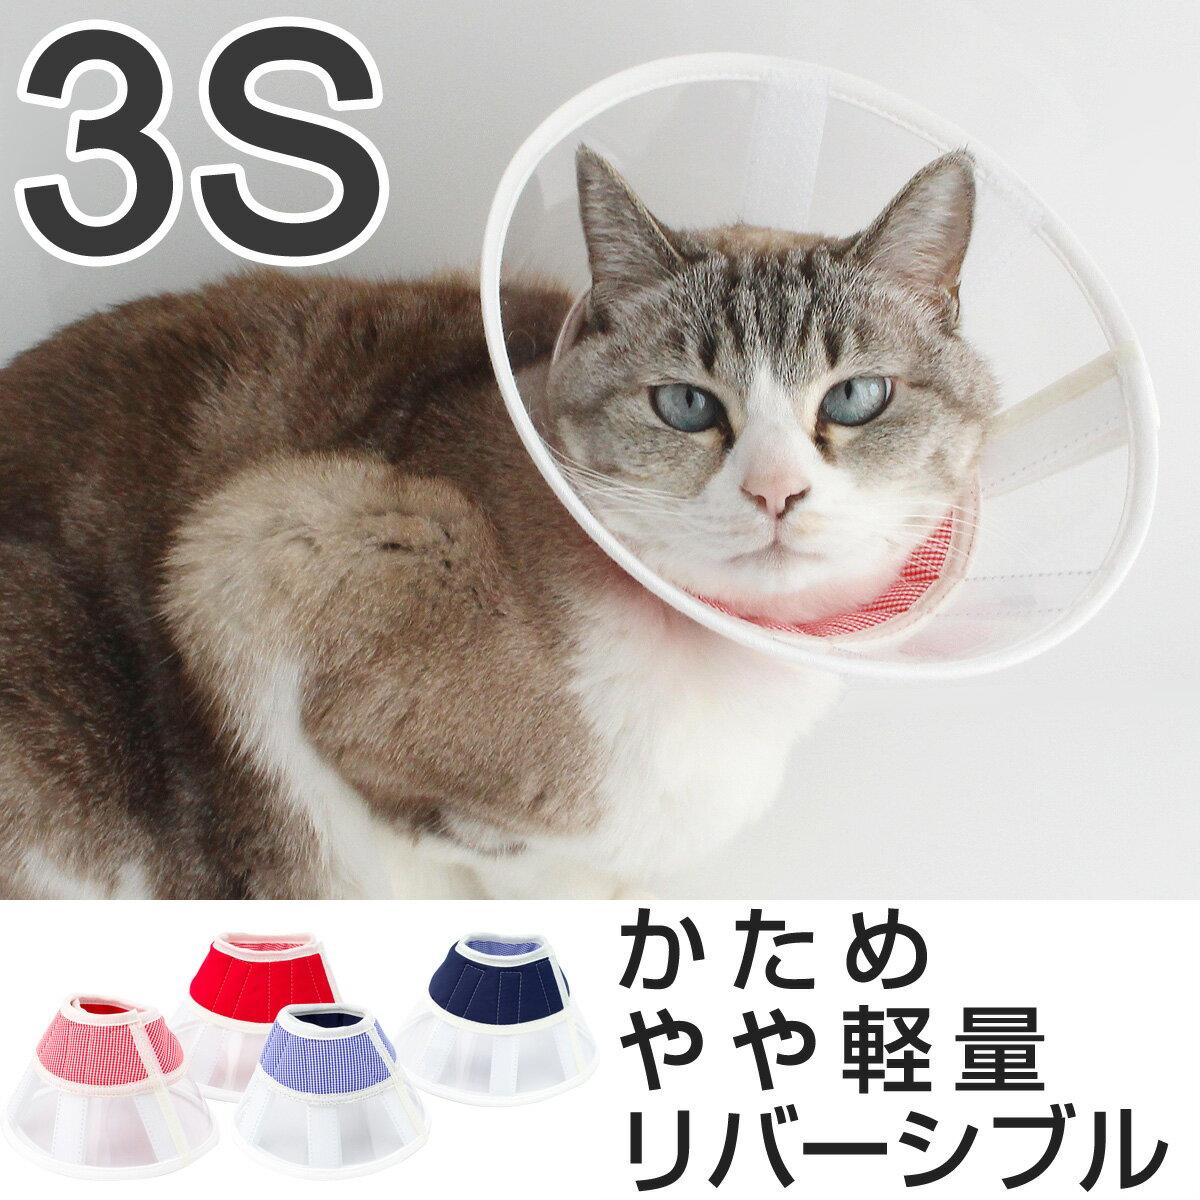 エリザベスカラー クリア ハード フェザーカラー 猫 介護用品 3S